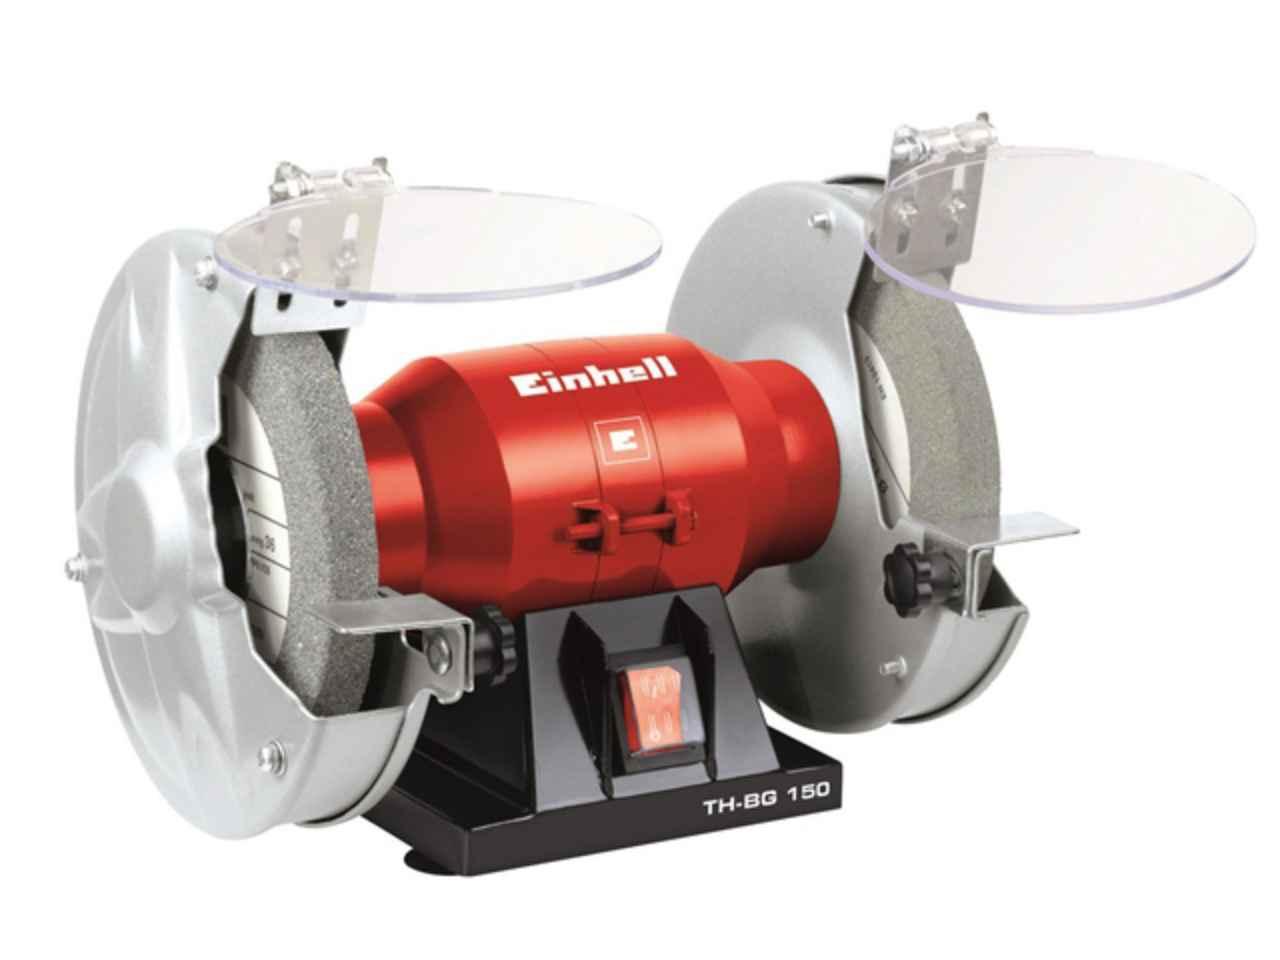 Einhell 44 125 70 Th Bg150 150mm Bench Grinder 150 Watt